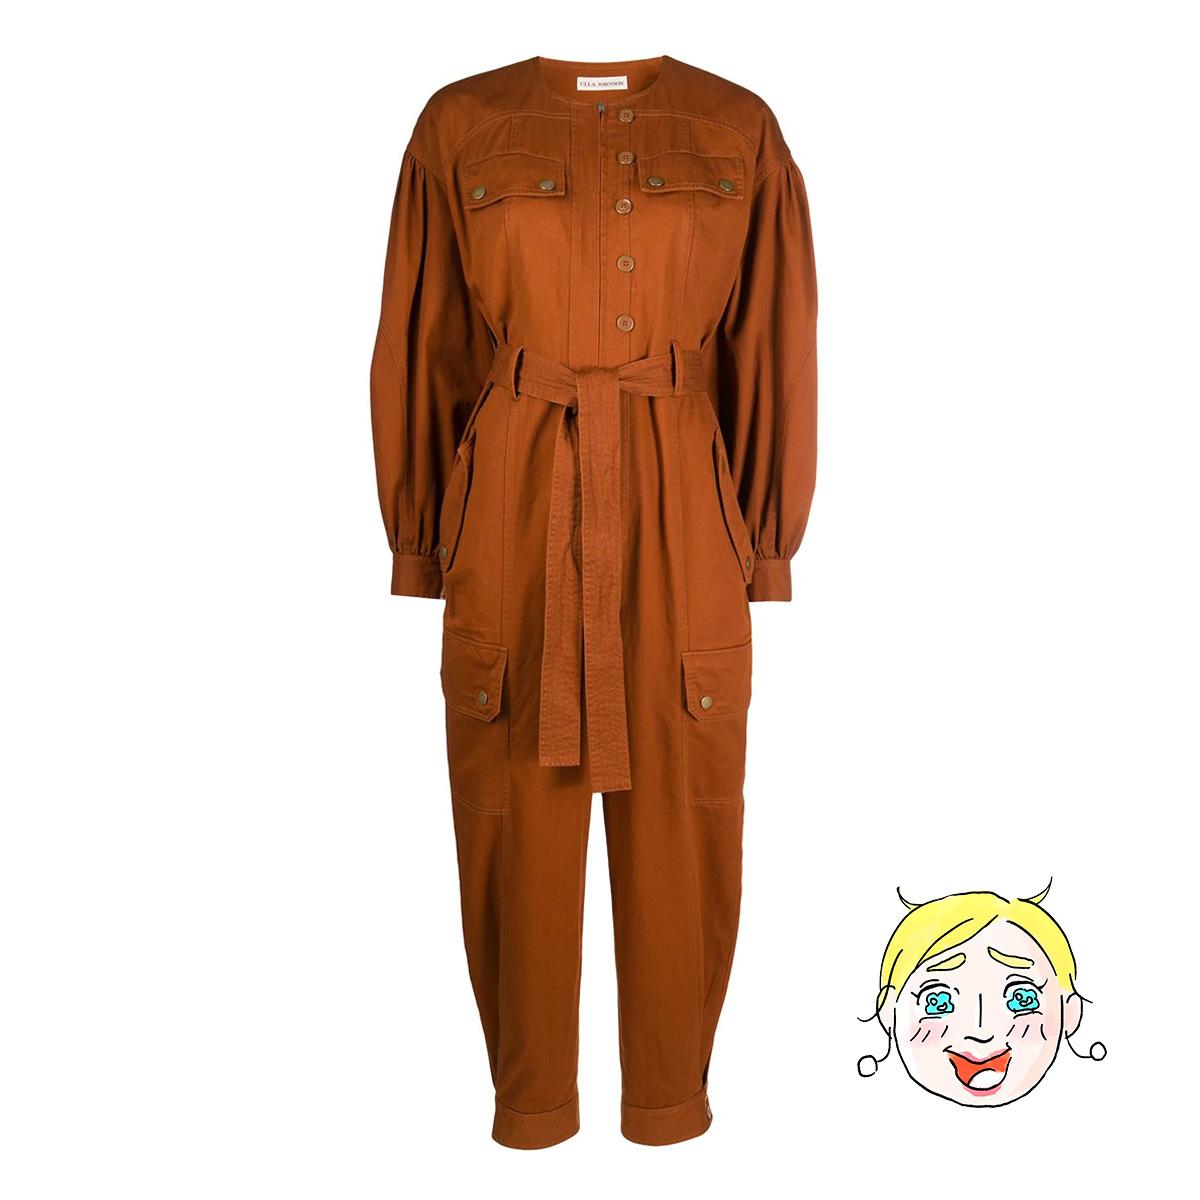 ウラ・ジョンソンのジャンプスーツ by ライターH